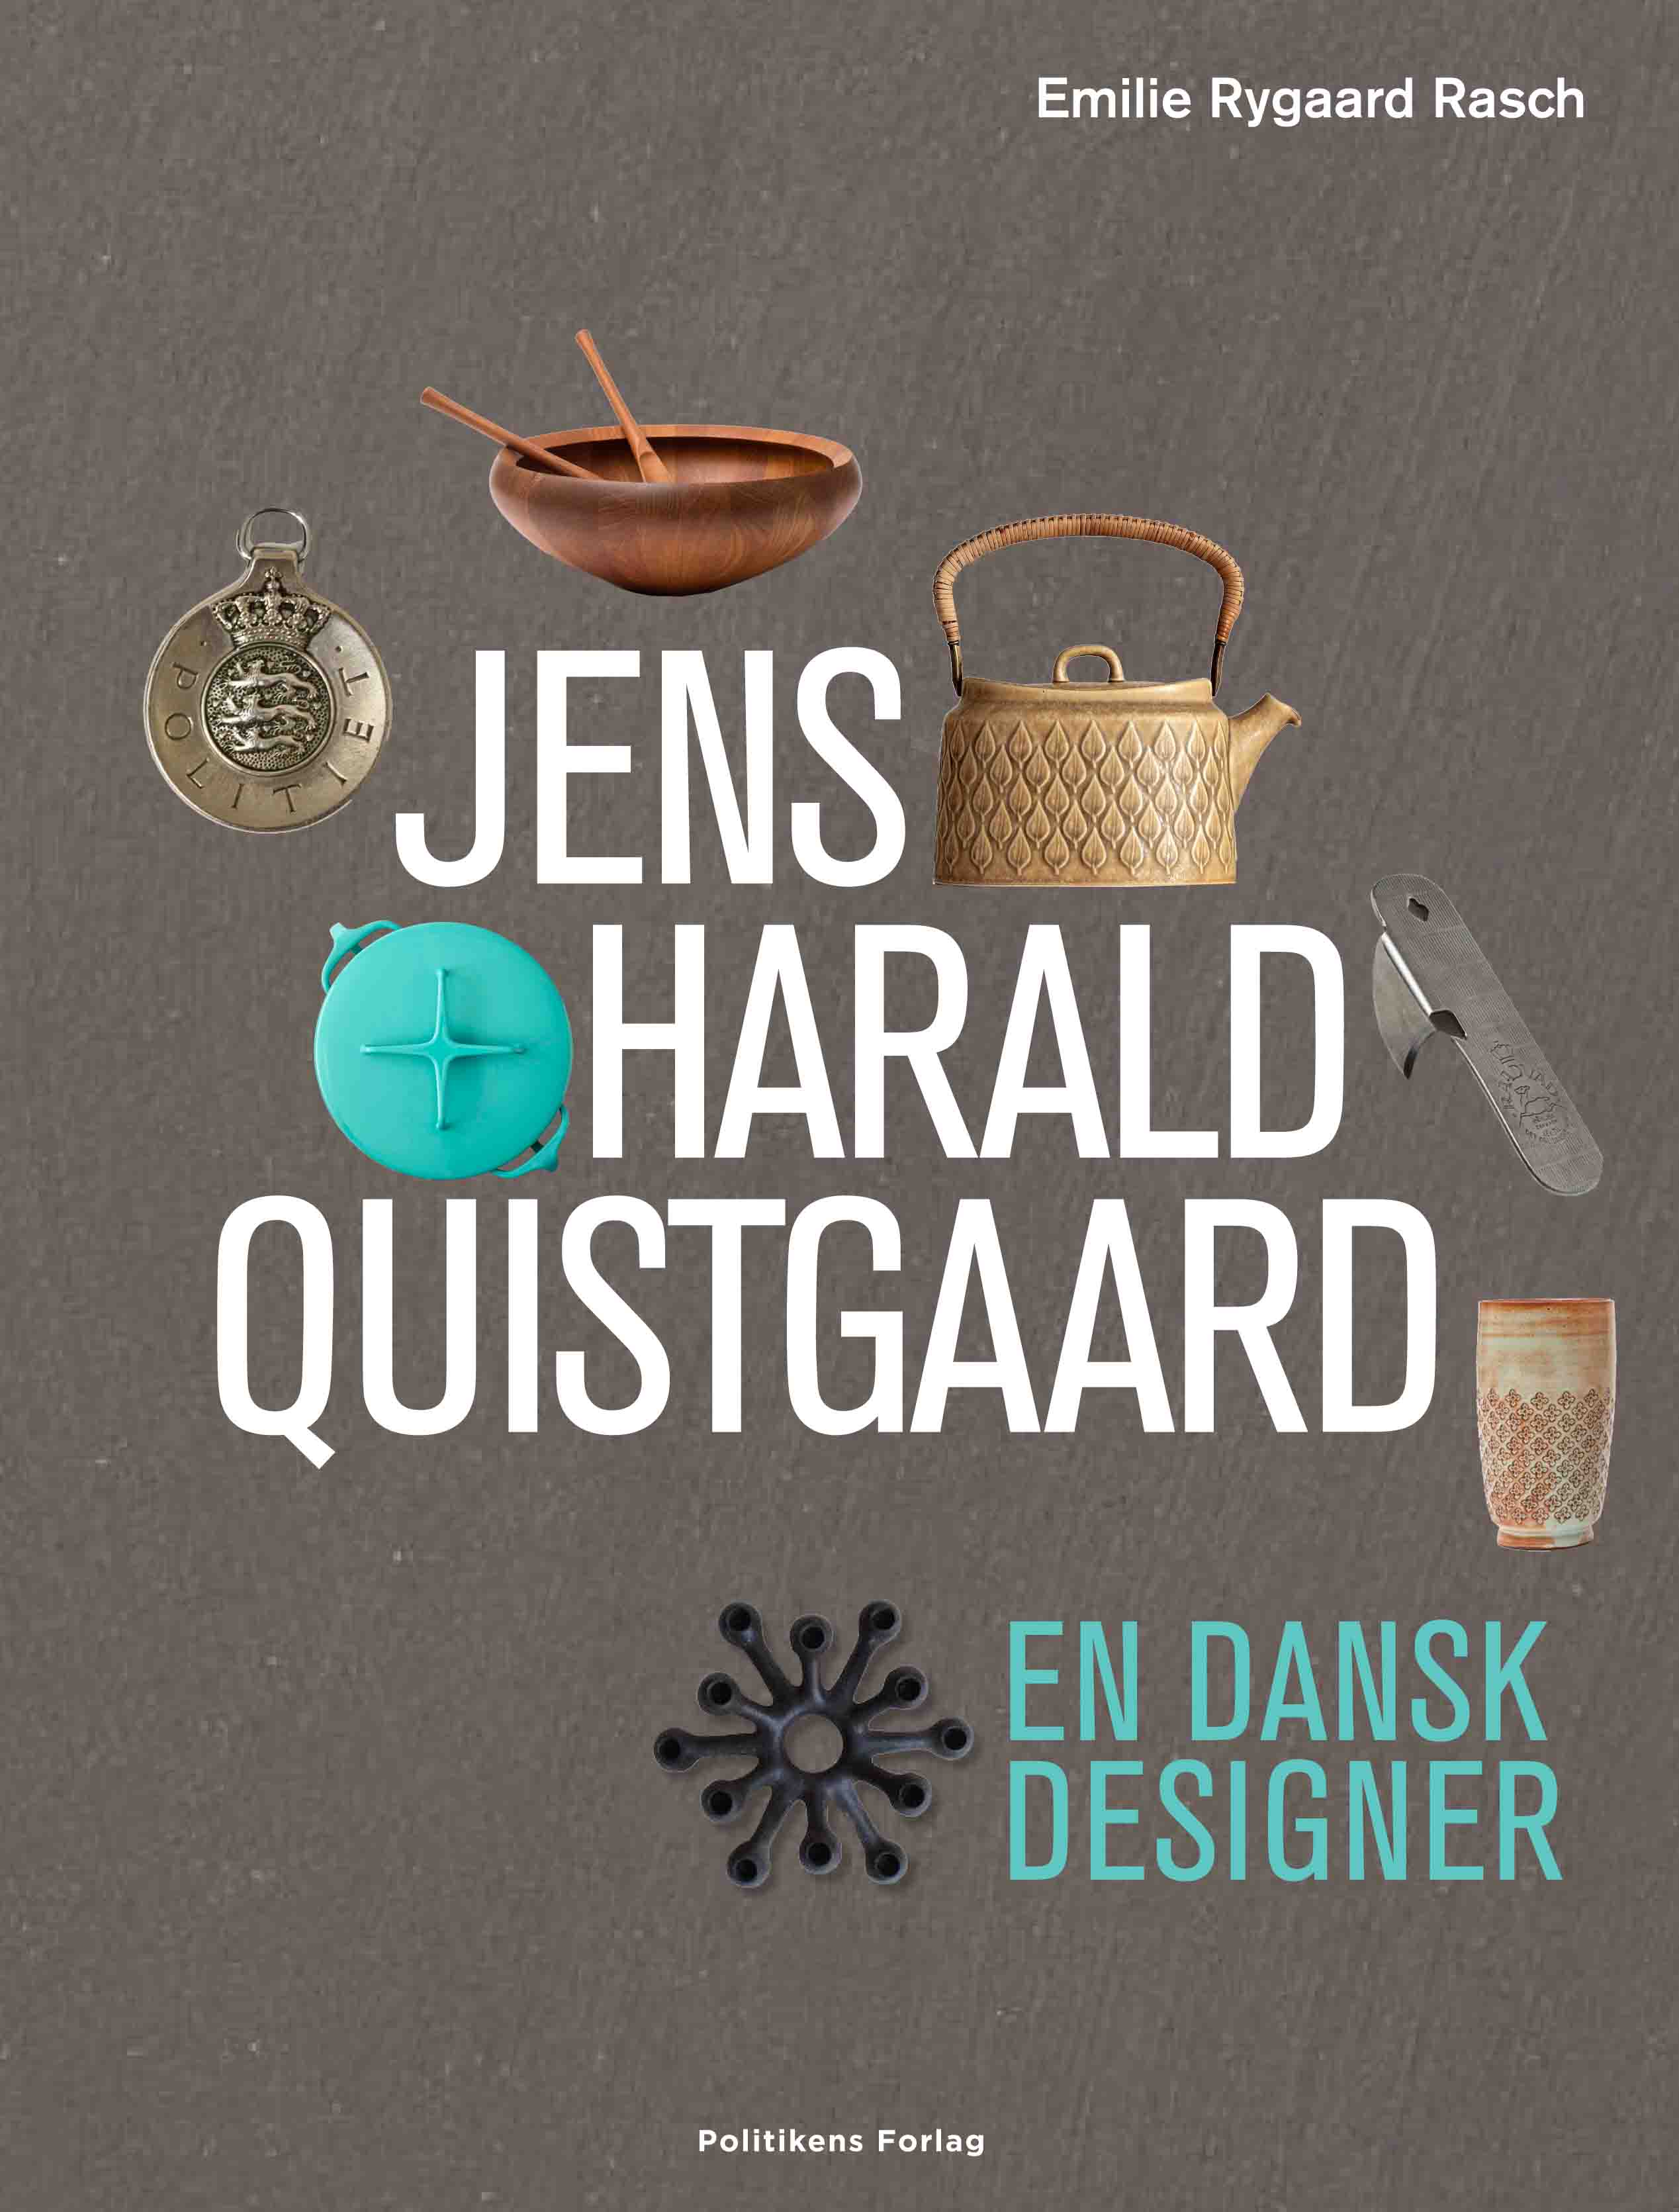 Jens Harald Quistgaard - Emilie Rygaard Rasch - Bøger - Politikens Forlag - 9788740041866 - December 17, 2020